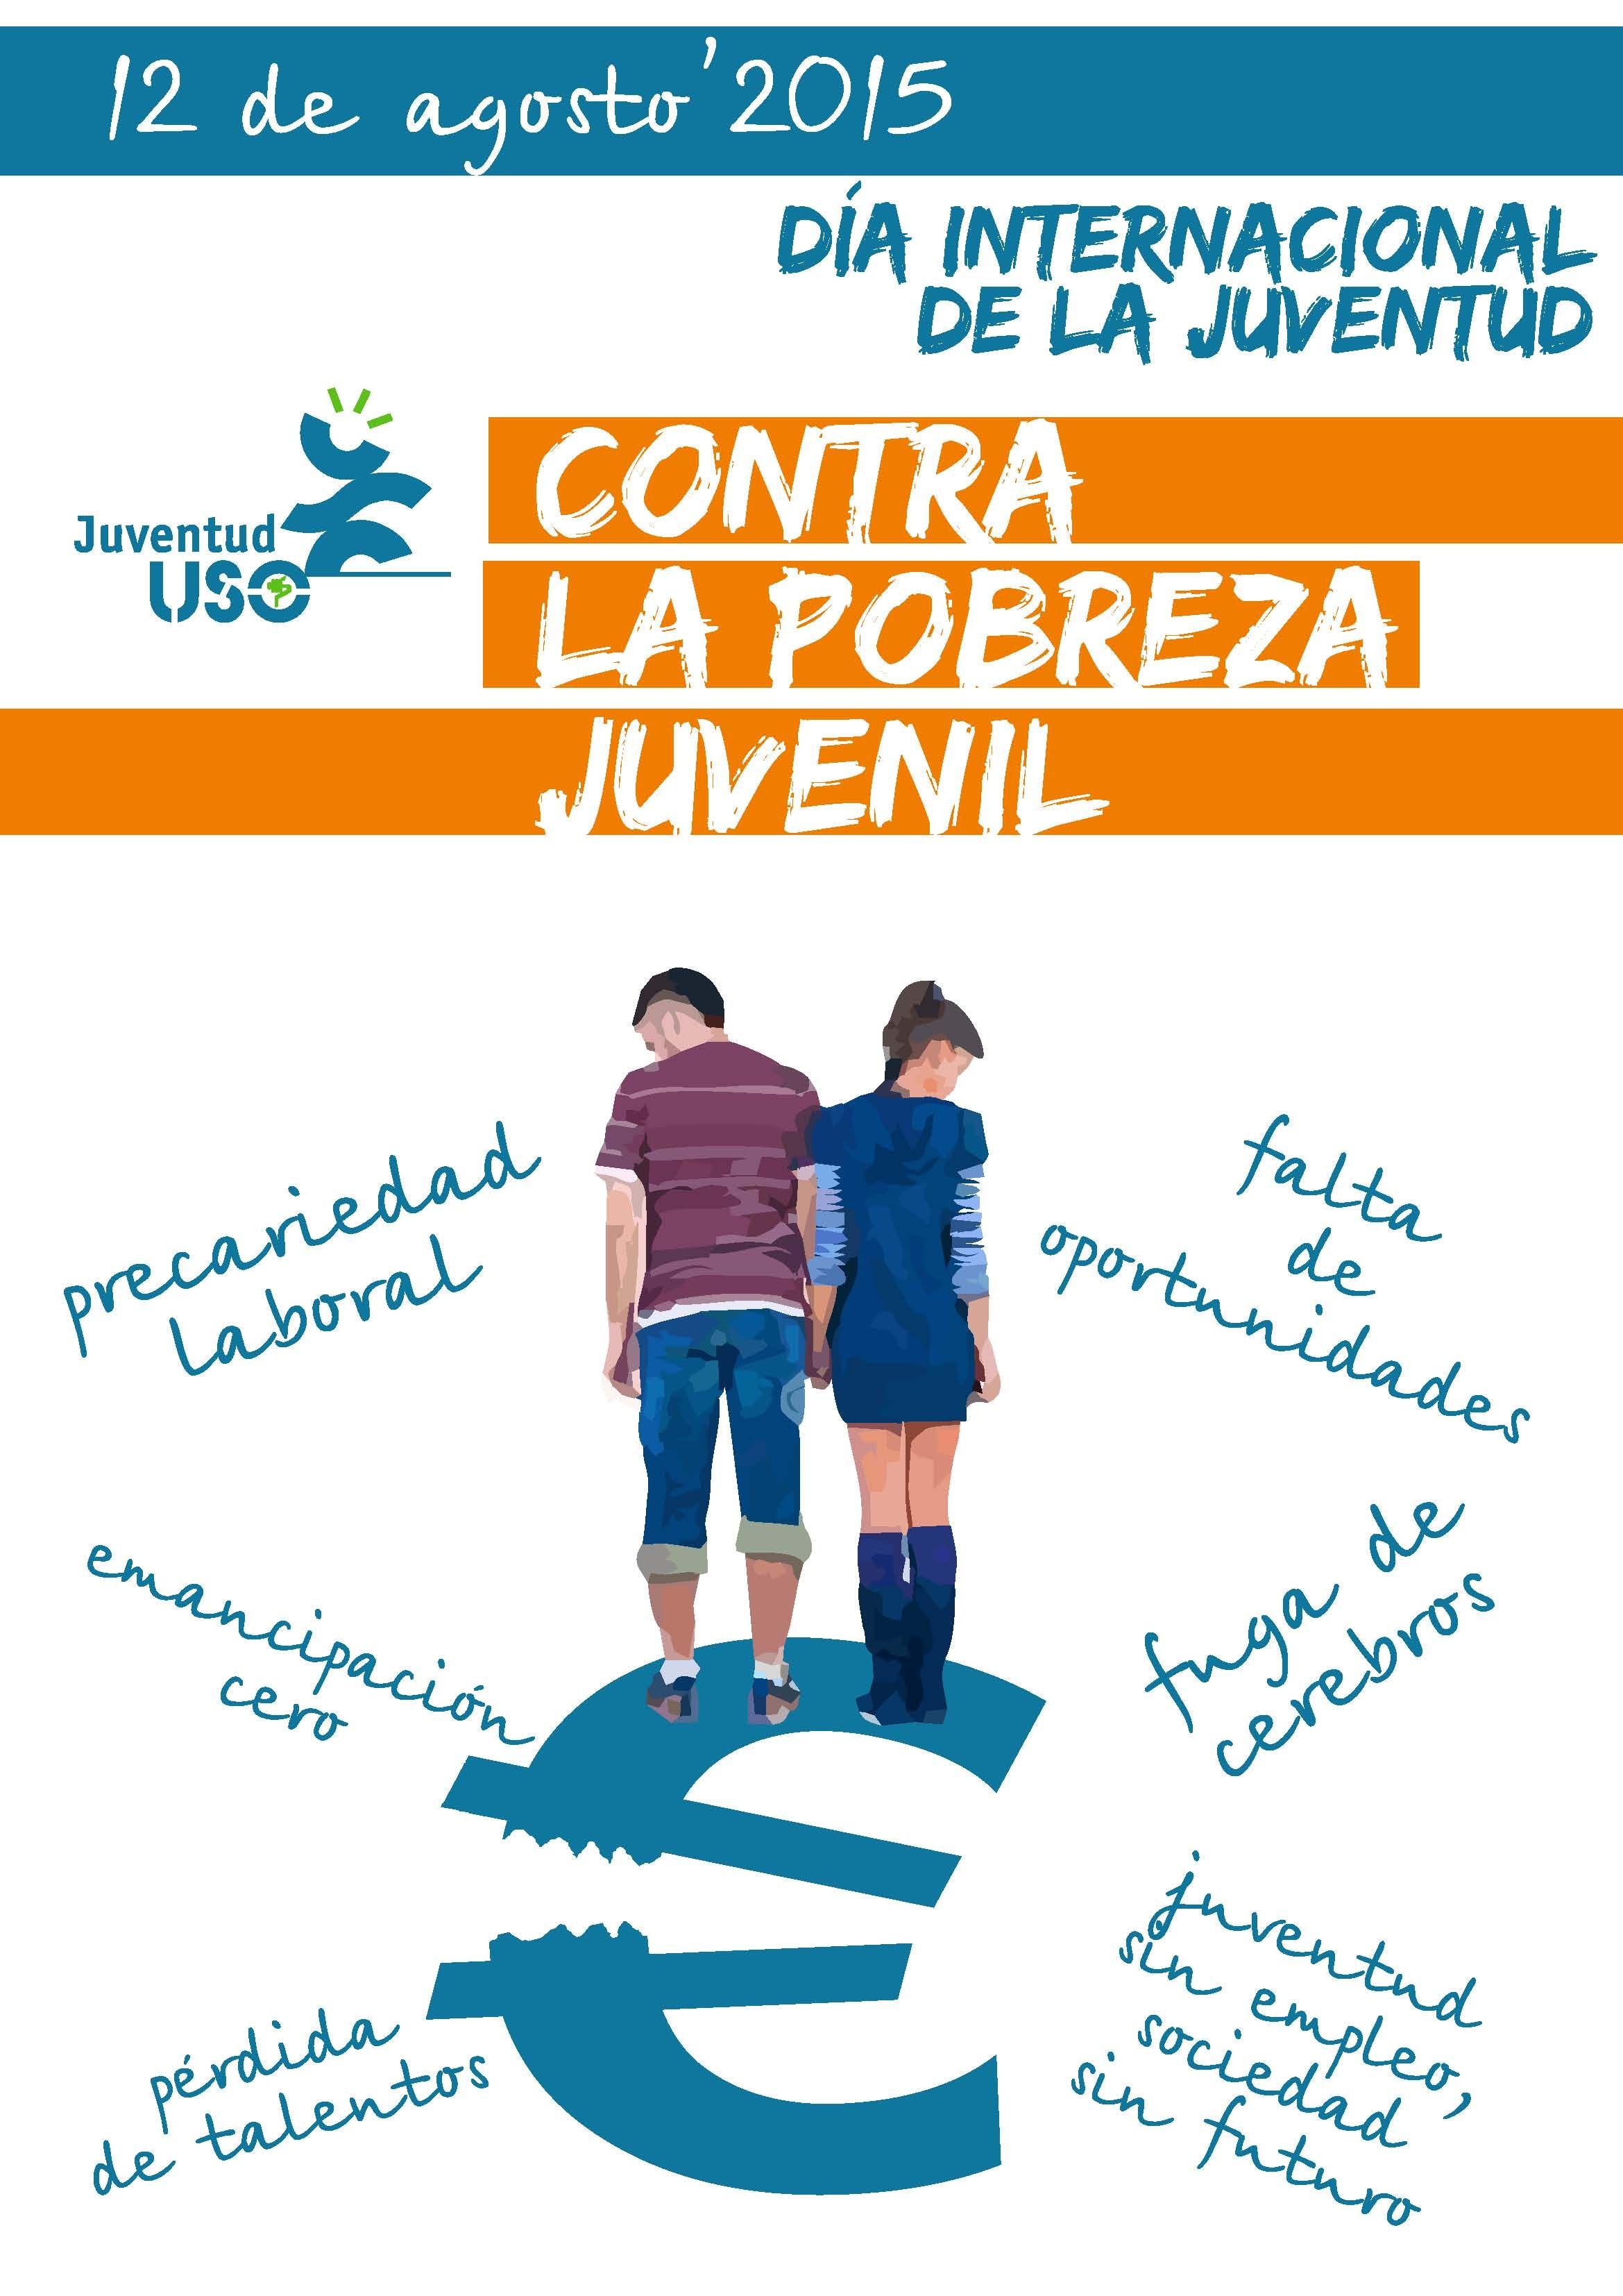 12 agosto DíaInternacional juventud2015